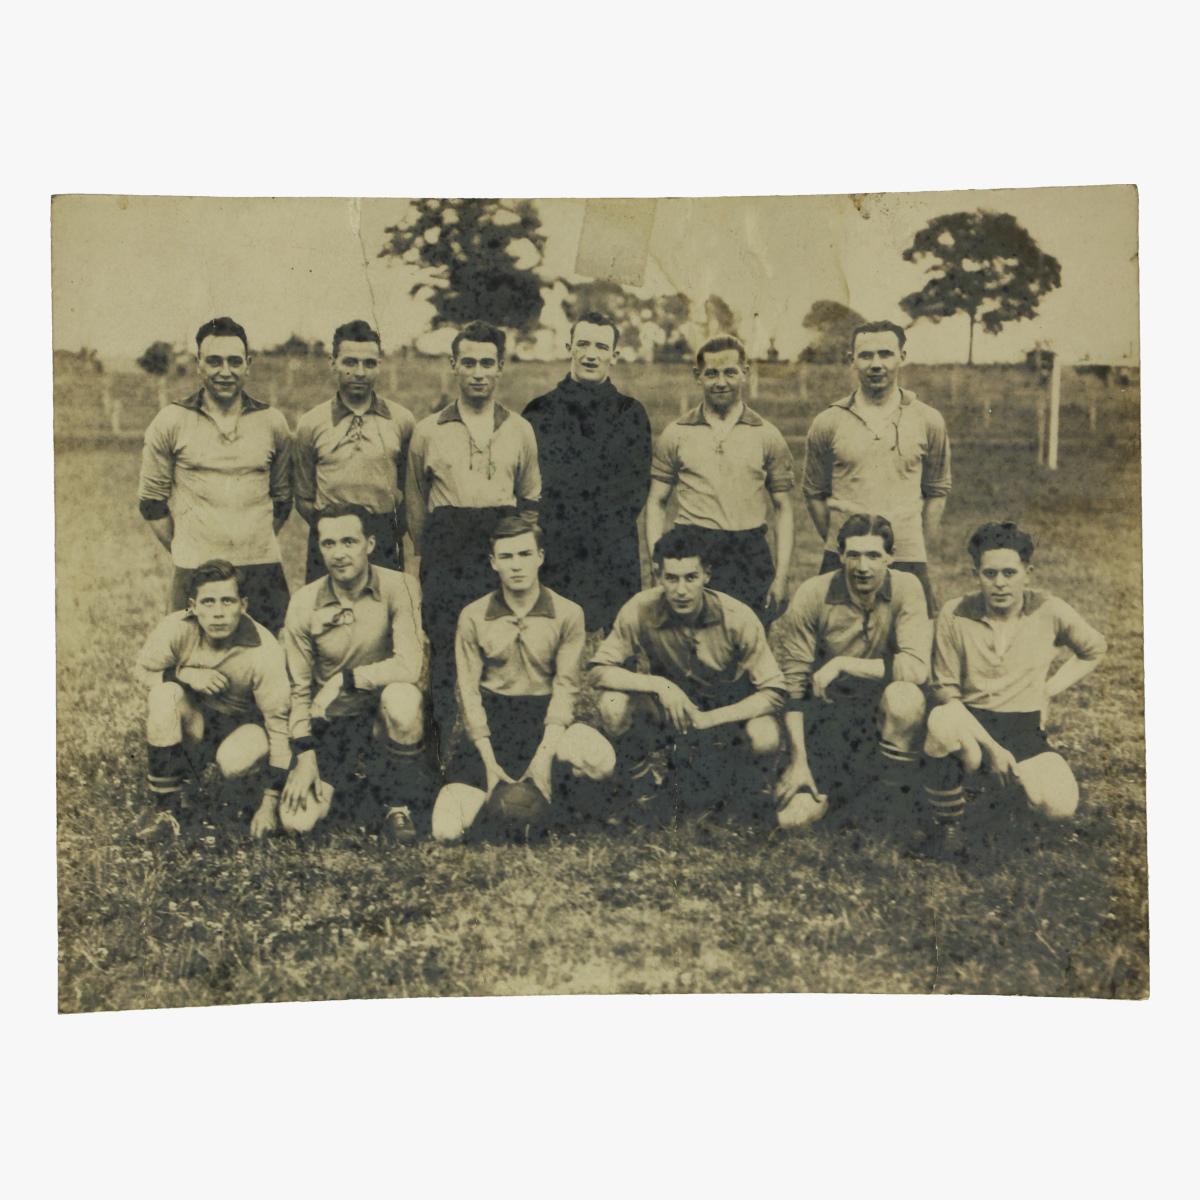 Afbeeldingen van oude foto voetbalploeg